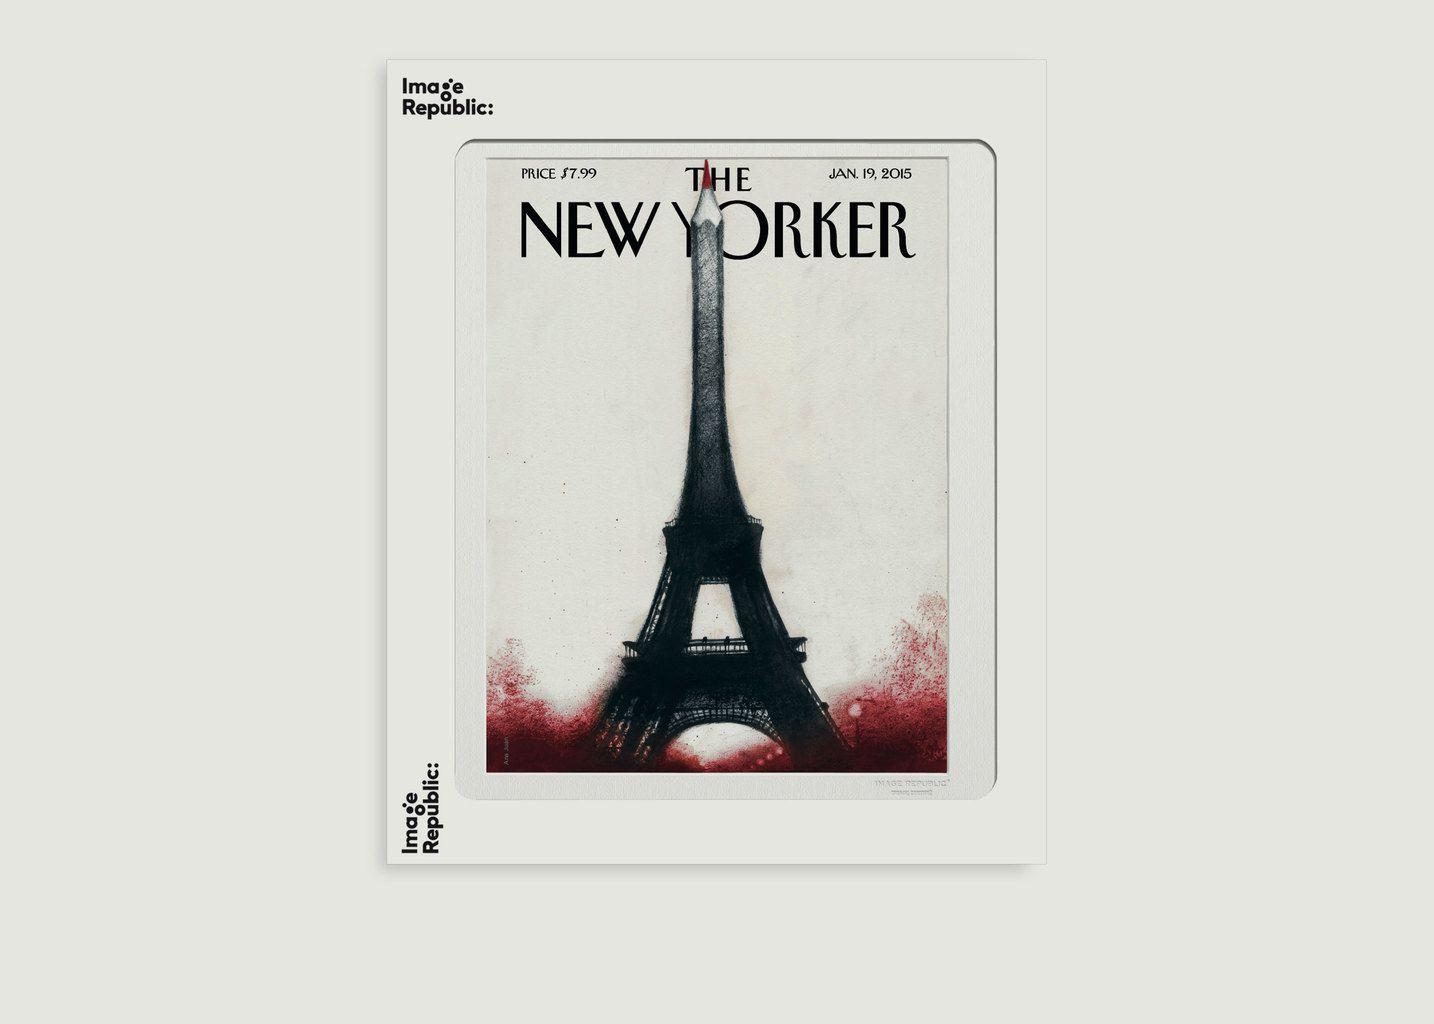 Affiche The New Yorker 73 Juan Solidarité 2015 - Image Republic